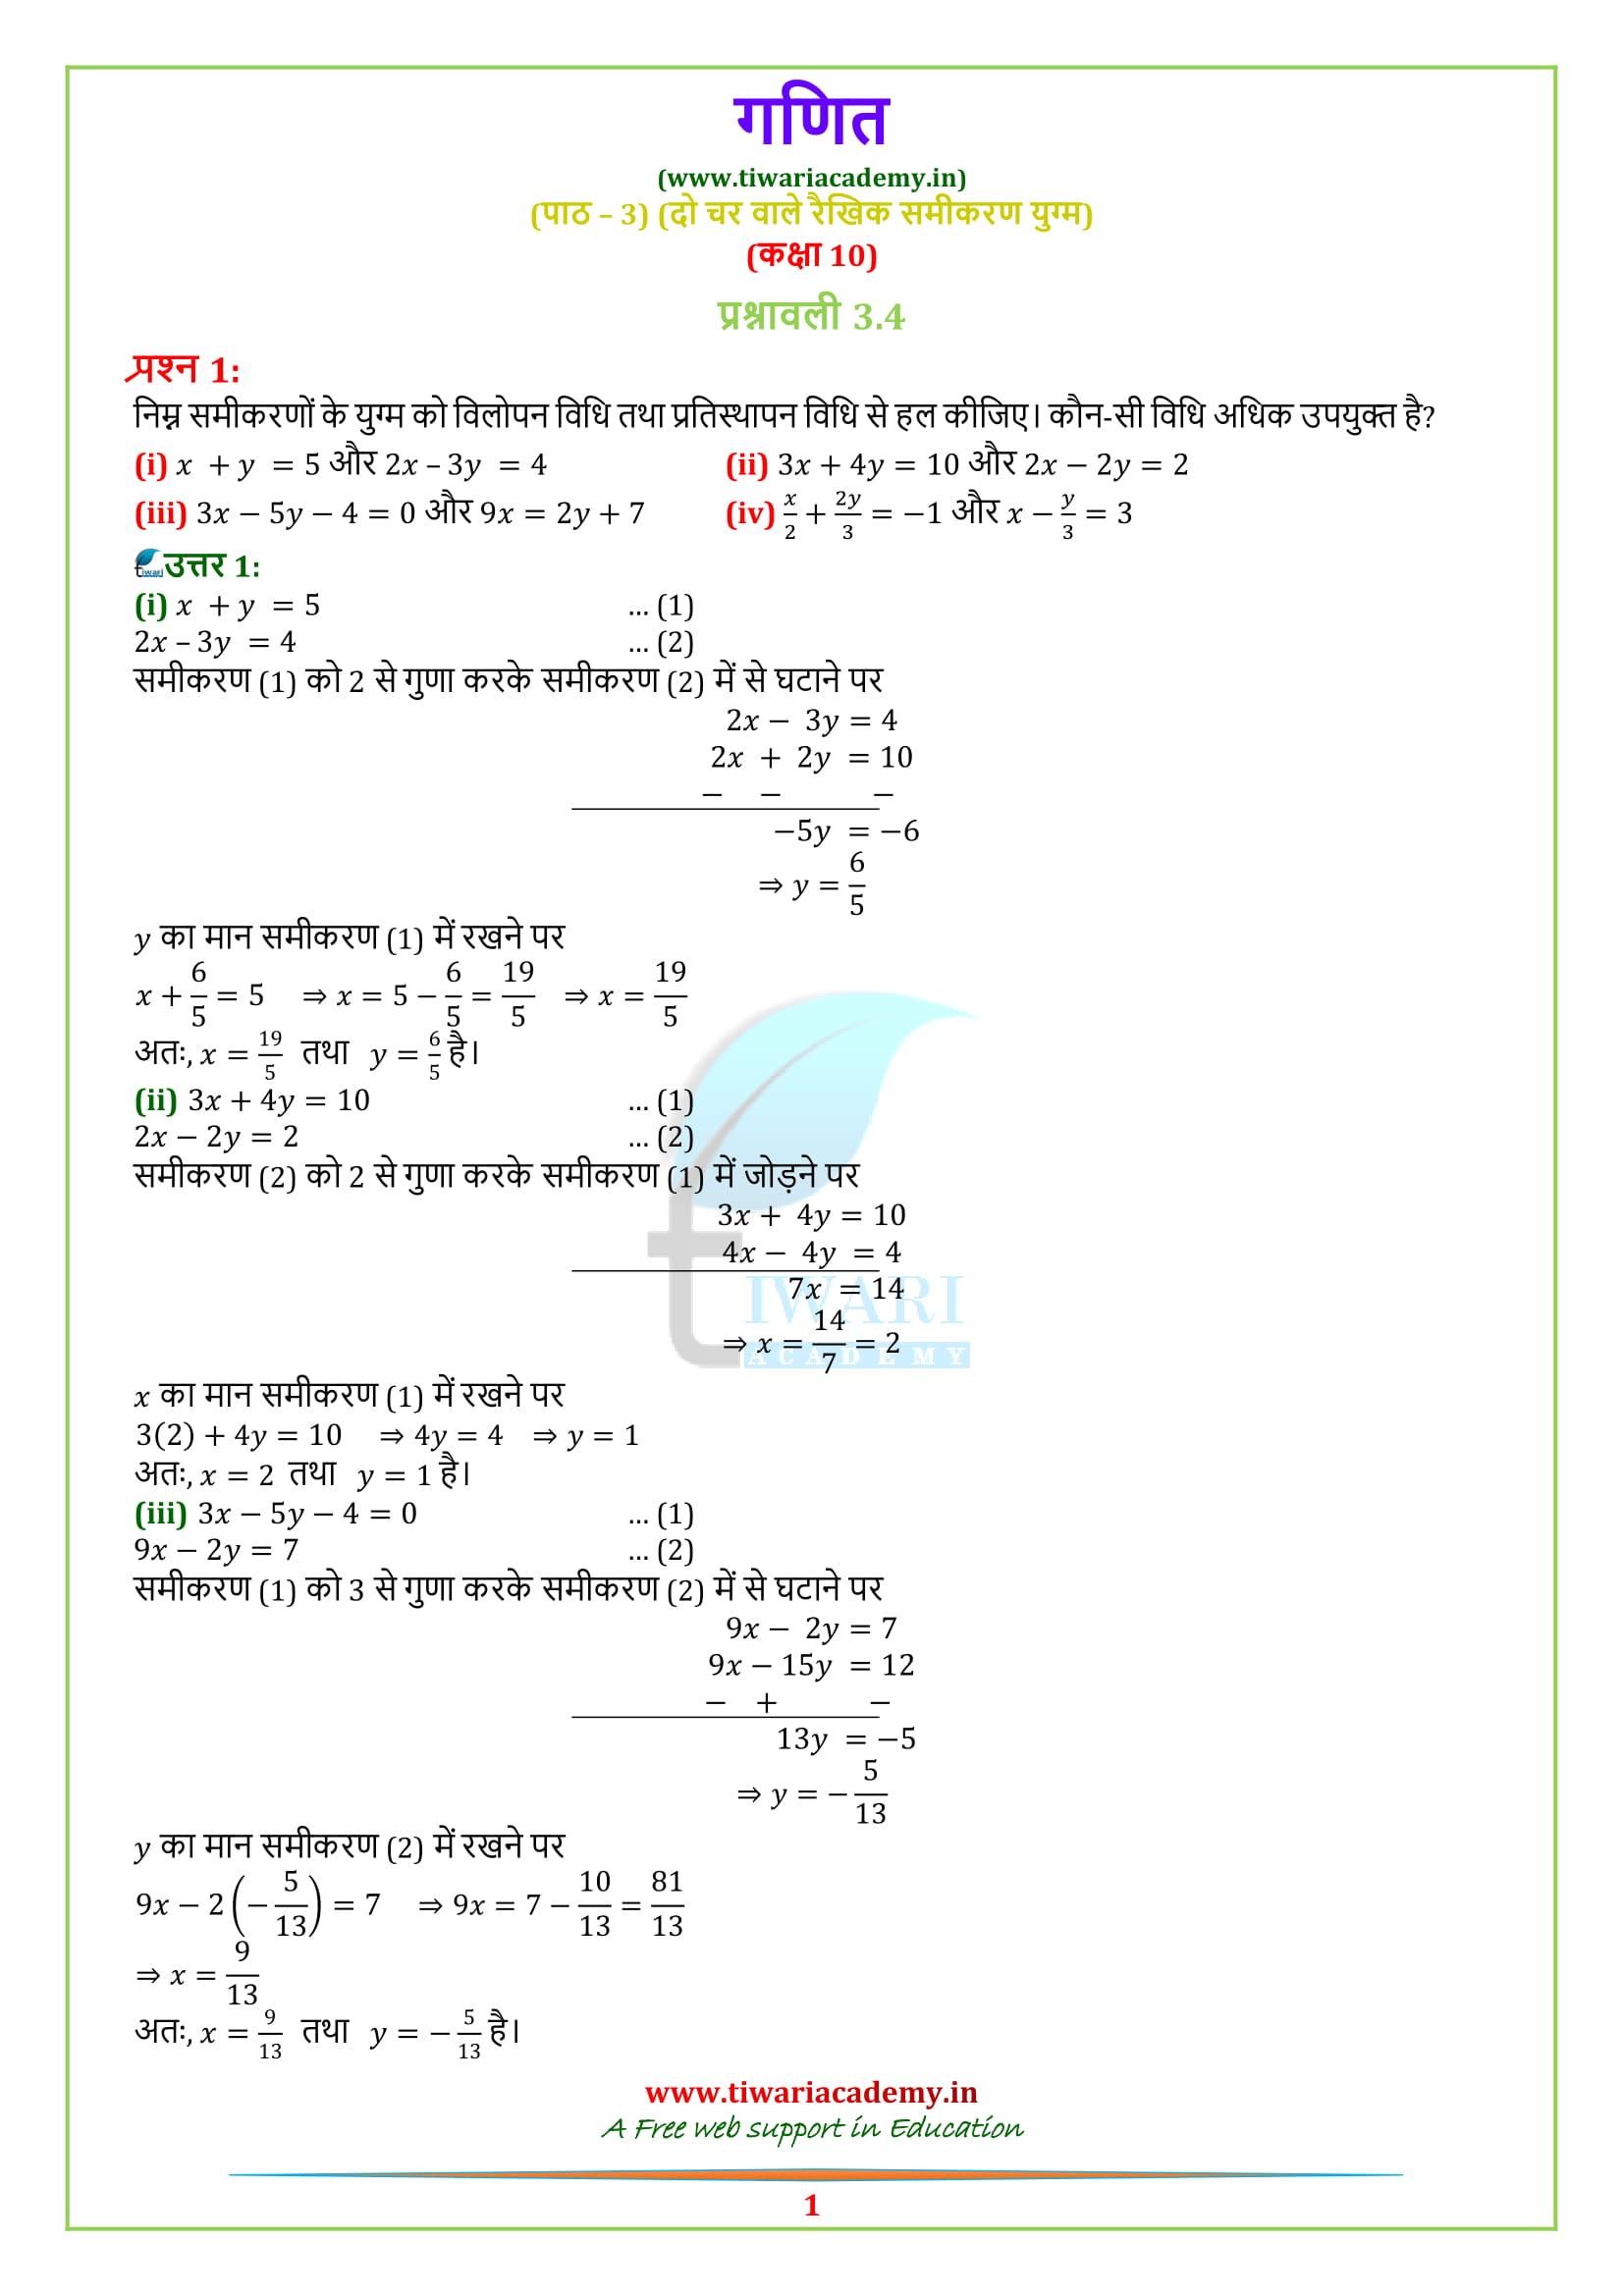 10 Maths prashnavali 3.4 ke hal